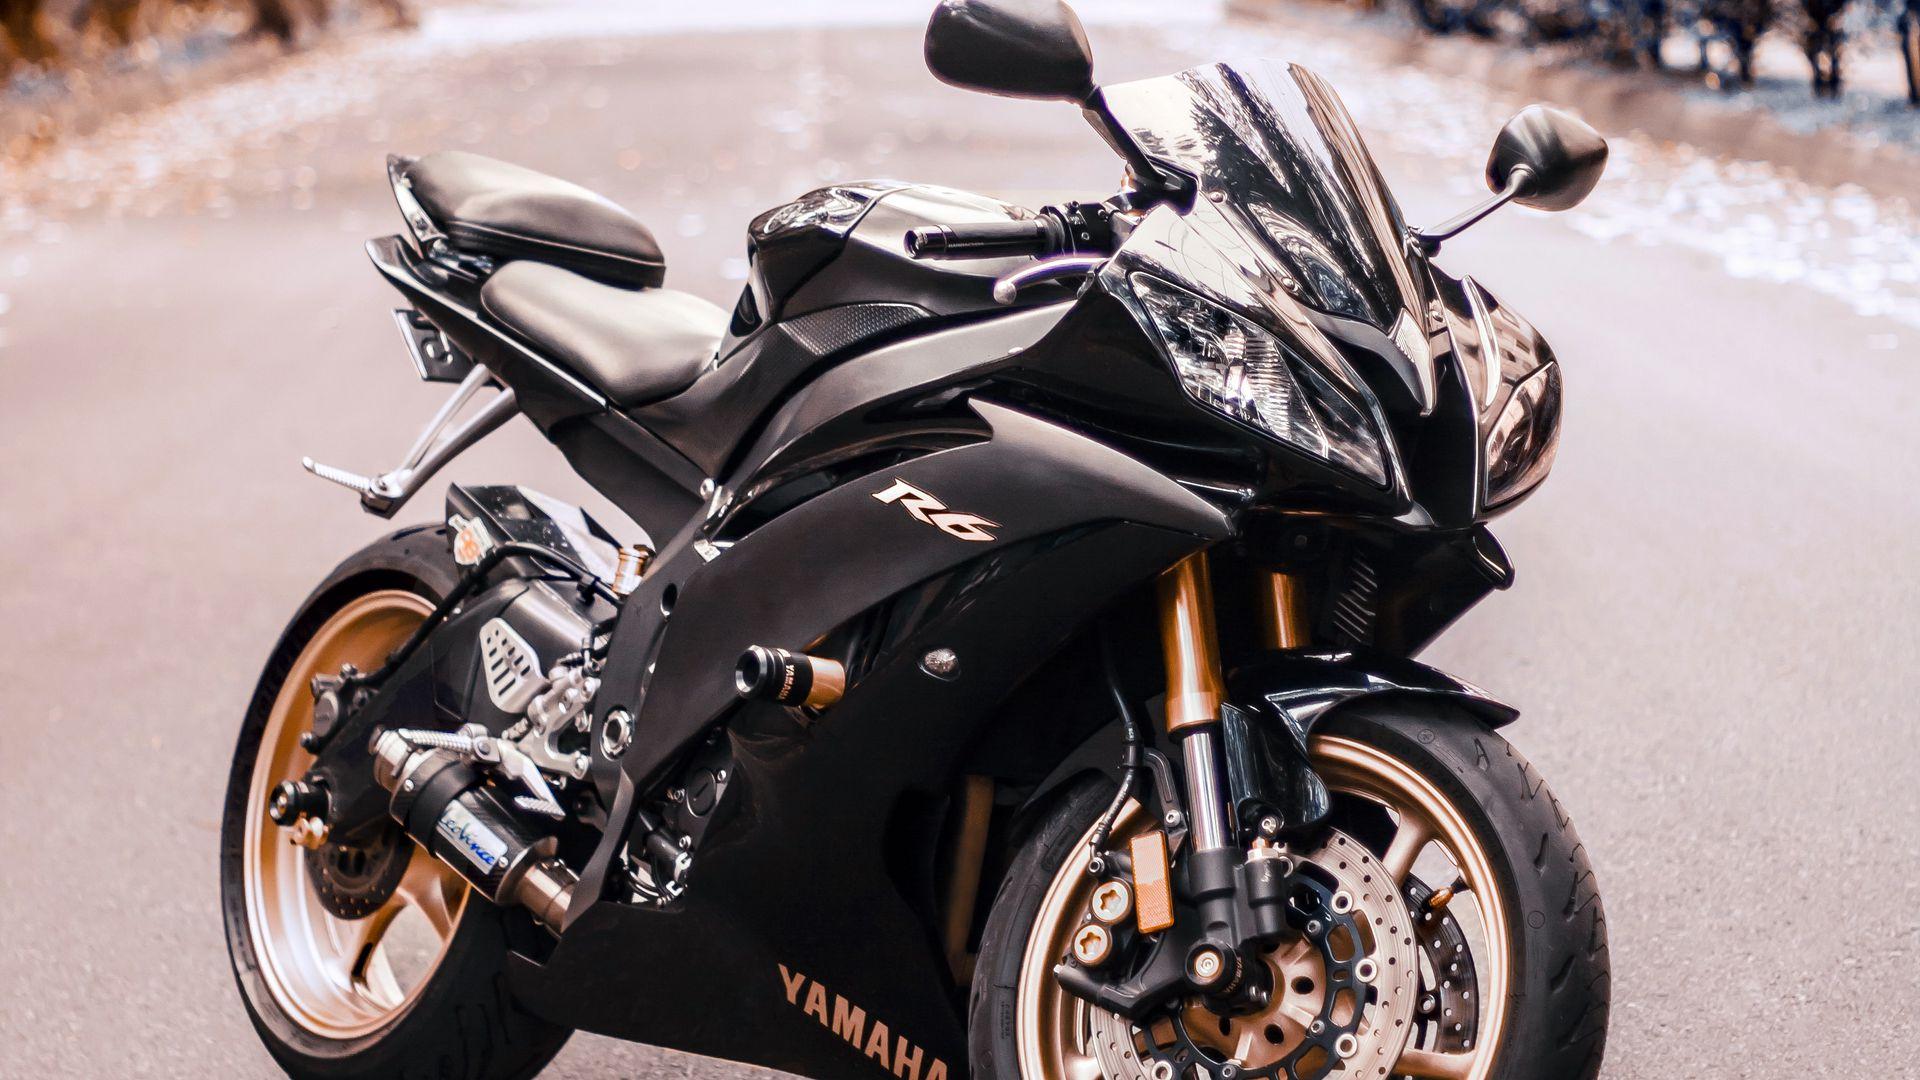 Yamaha R6, Yamaha, Motorcycle Wallpapers Free Download